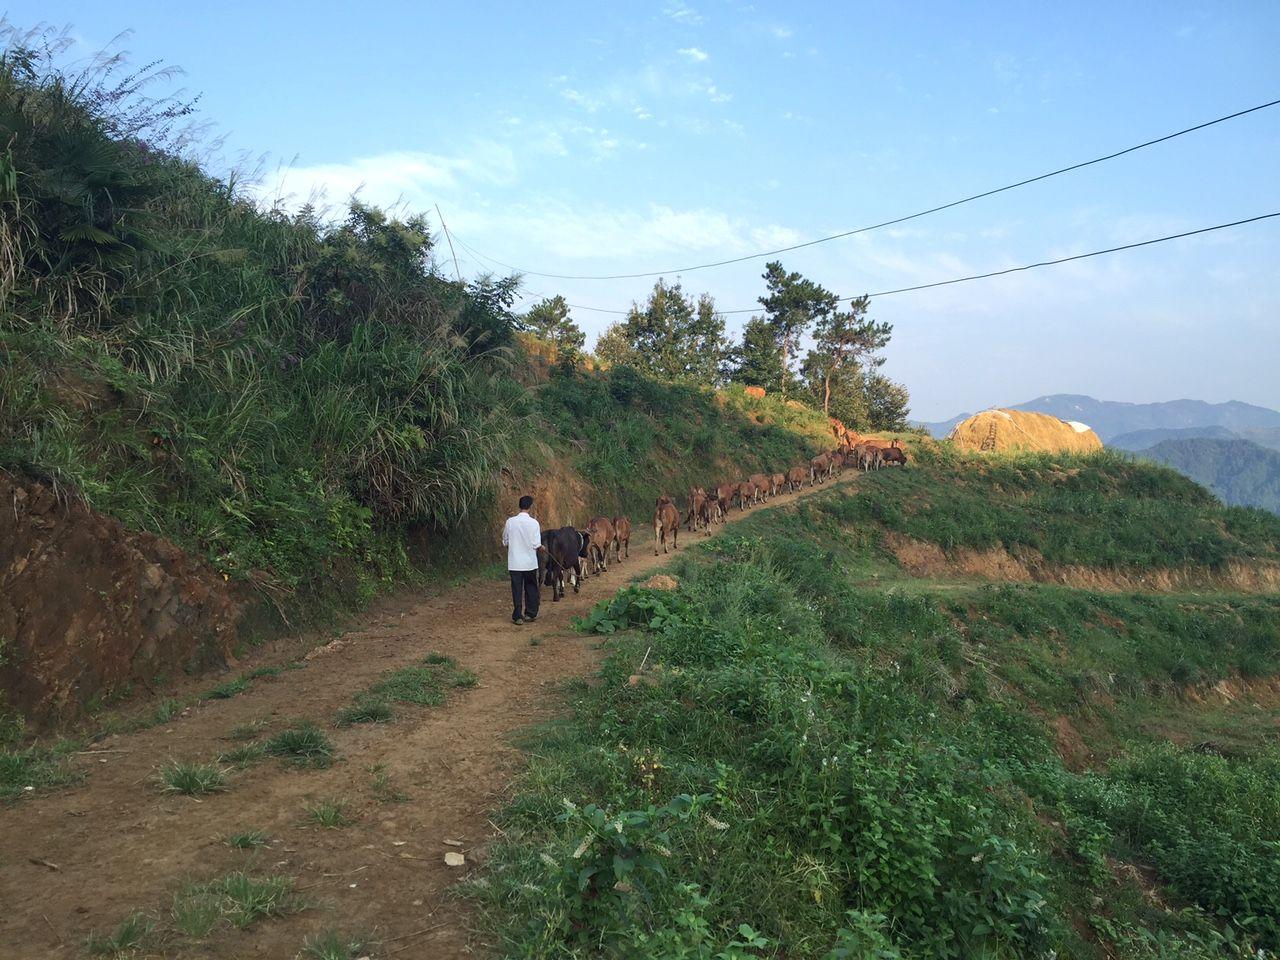 人生,就是一条回家的路 —记向桥乡创意总监陈卓彬回乡创